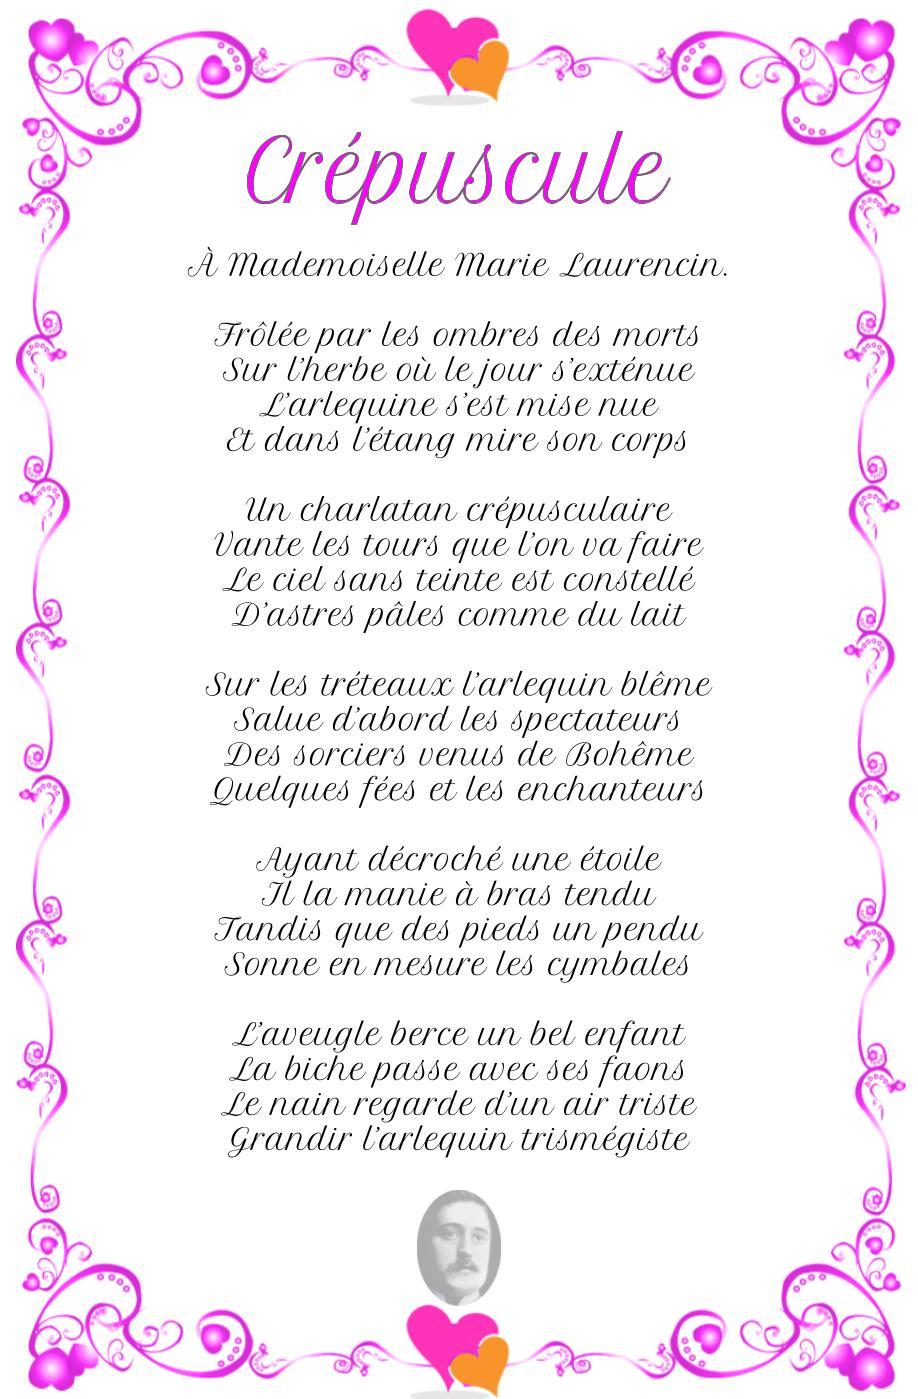 Crépuscule, poème de Guillaume Apollinaire